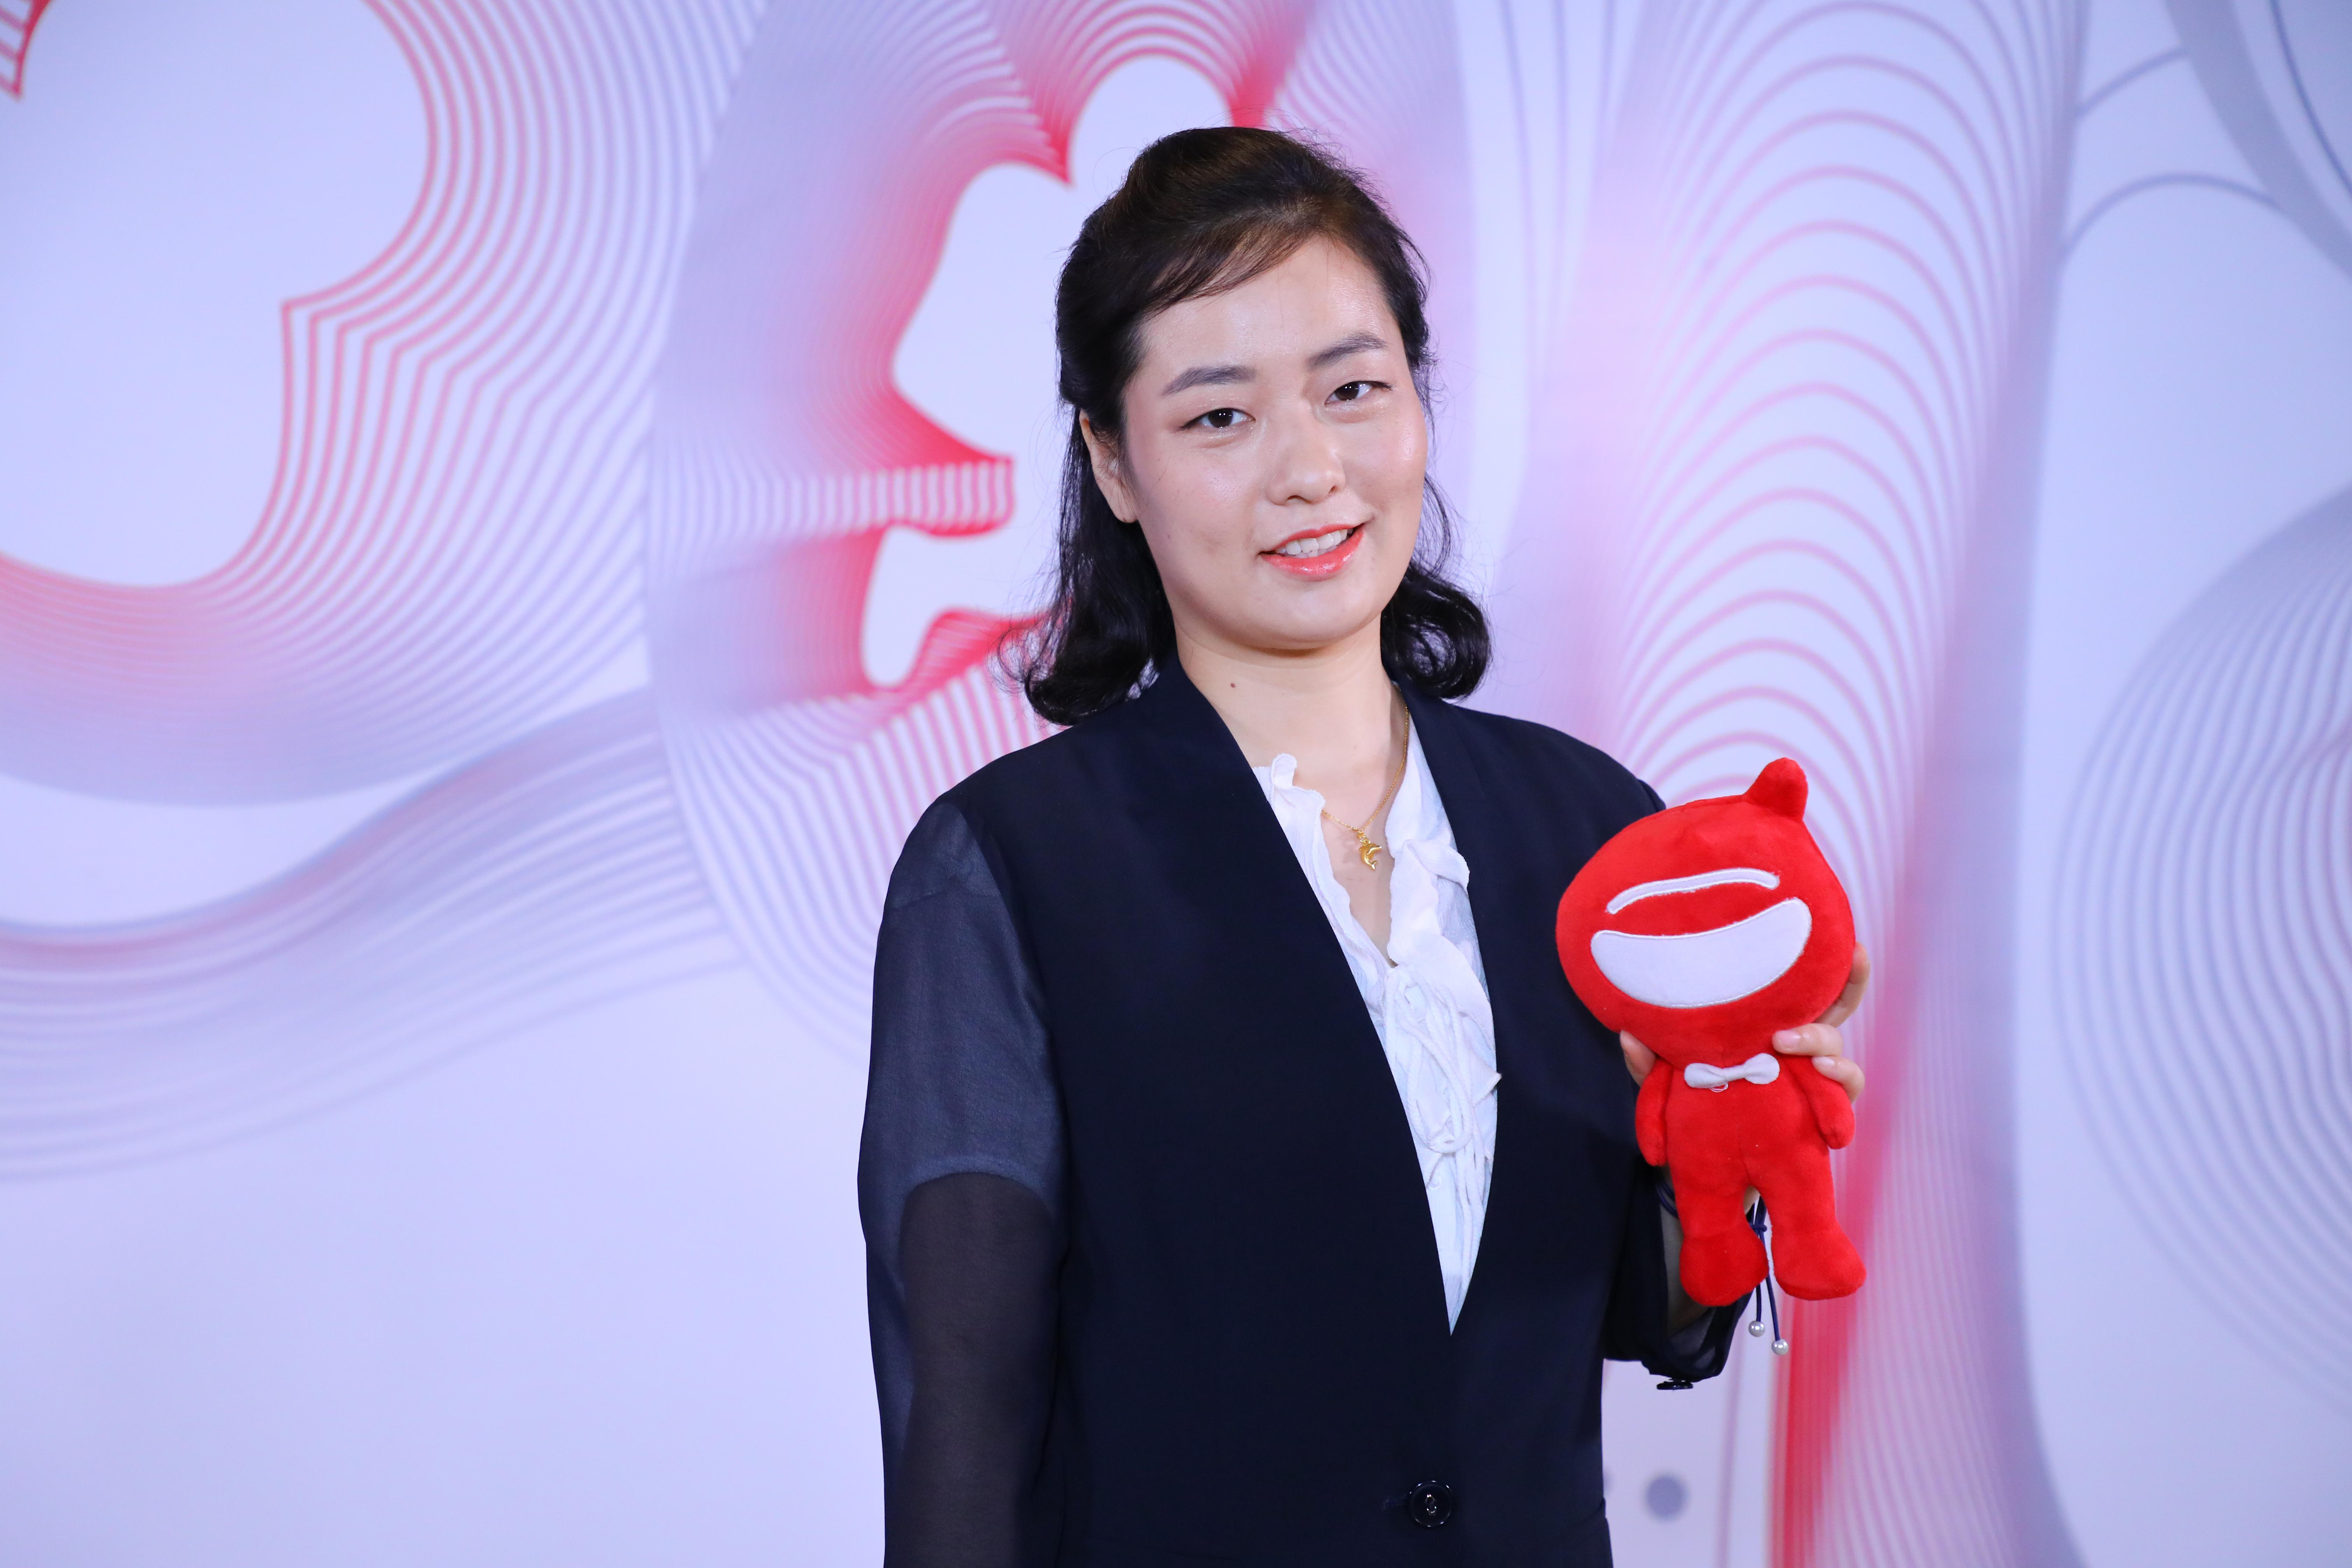 名师点评2018高考理综北京卷:考法灵活打破题型壁垒